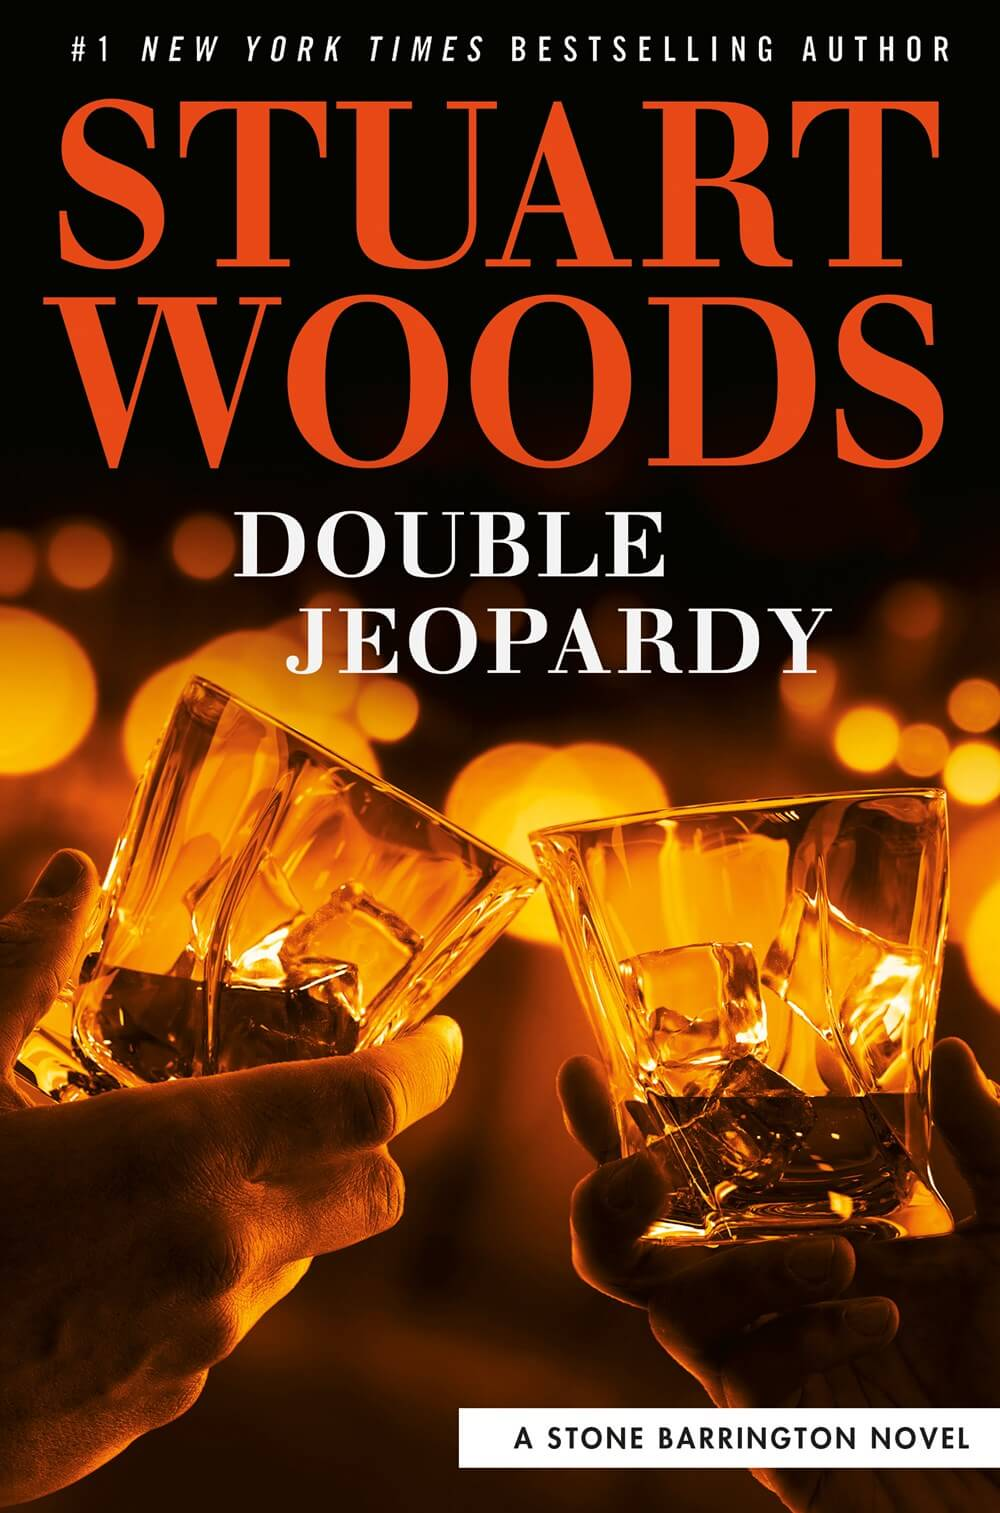 Double Jeopardy ( Stone Barrington Novel #57 )